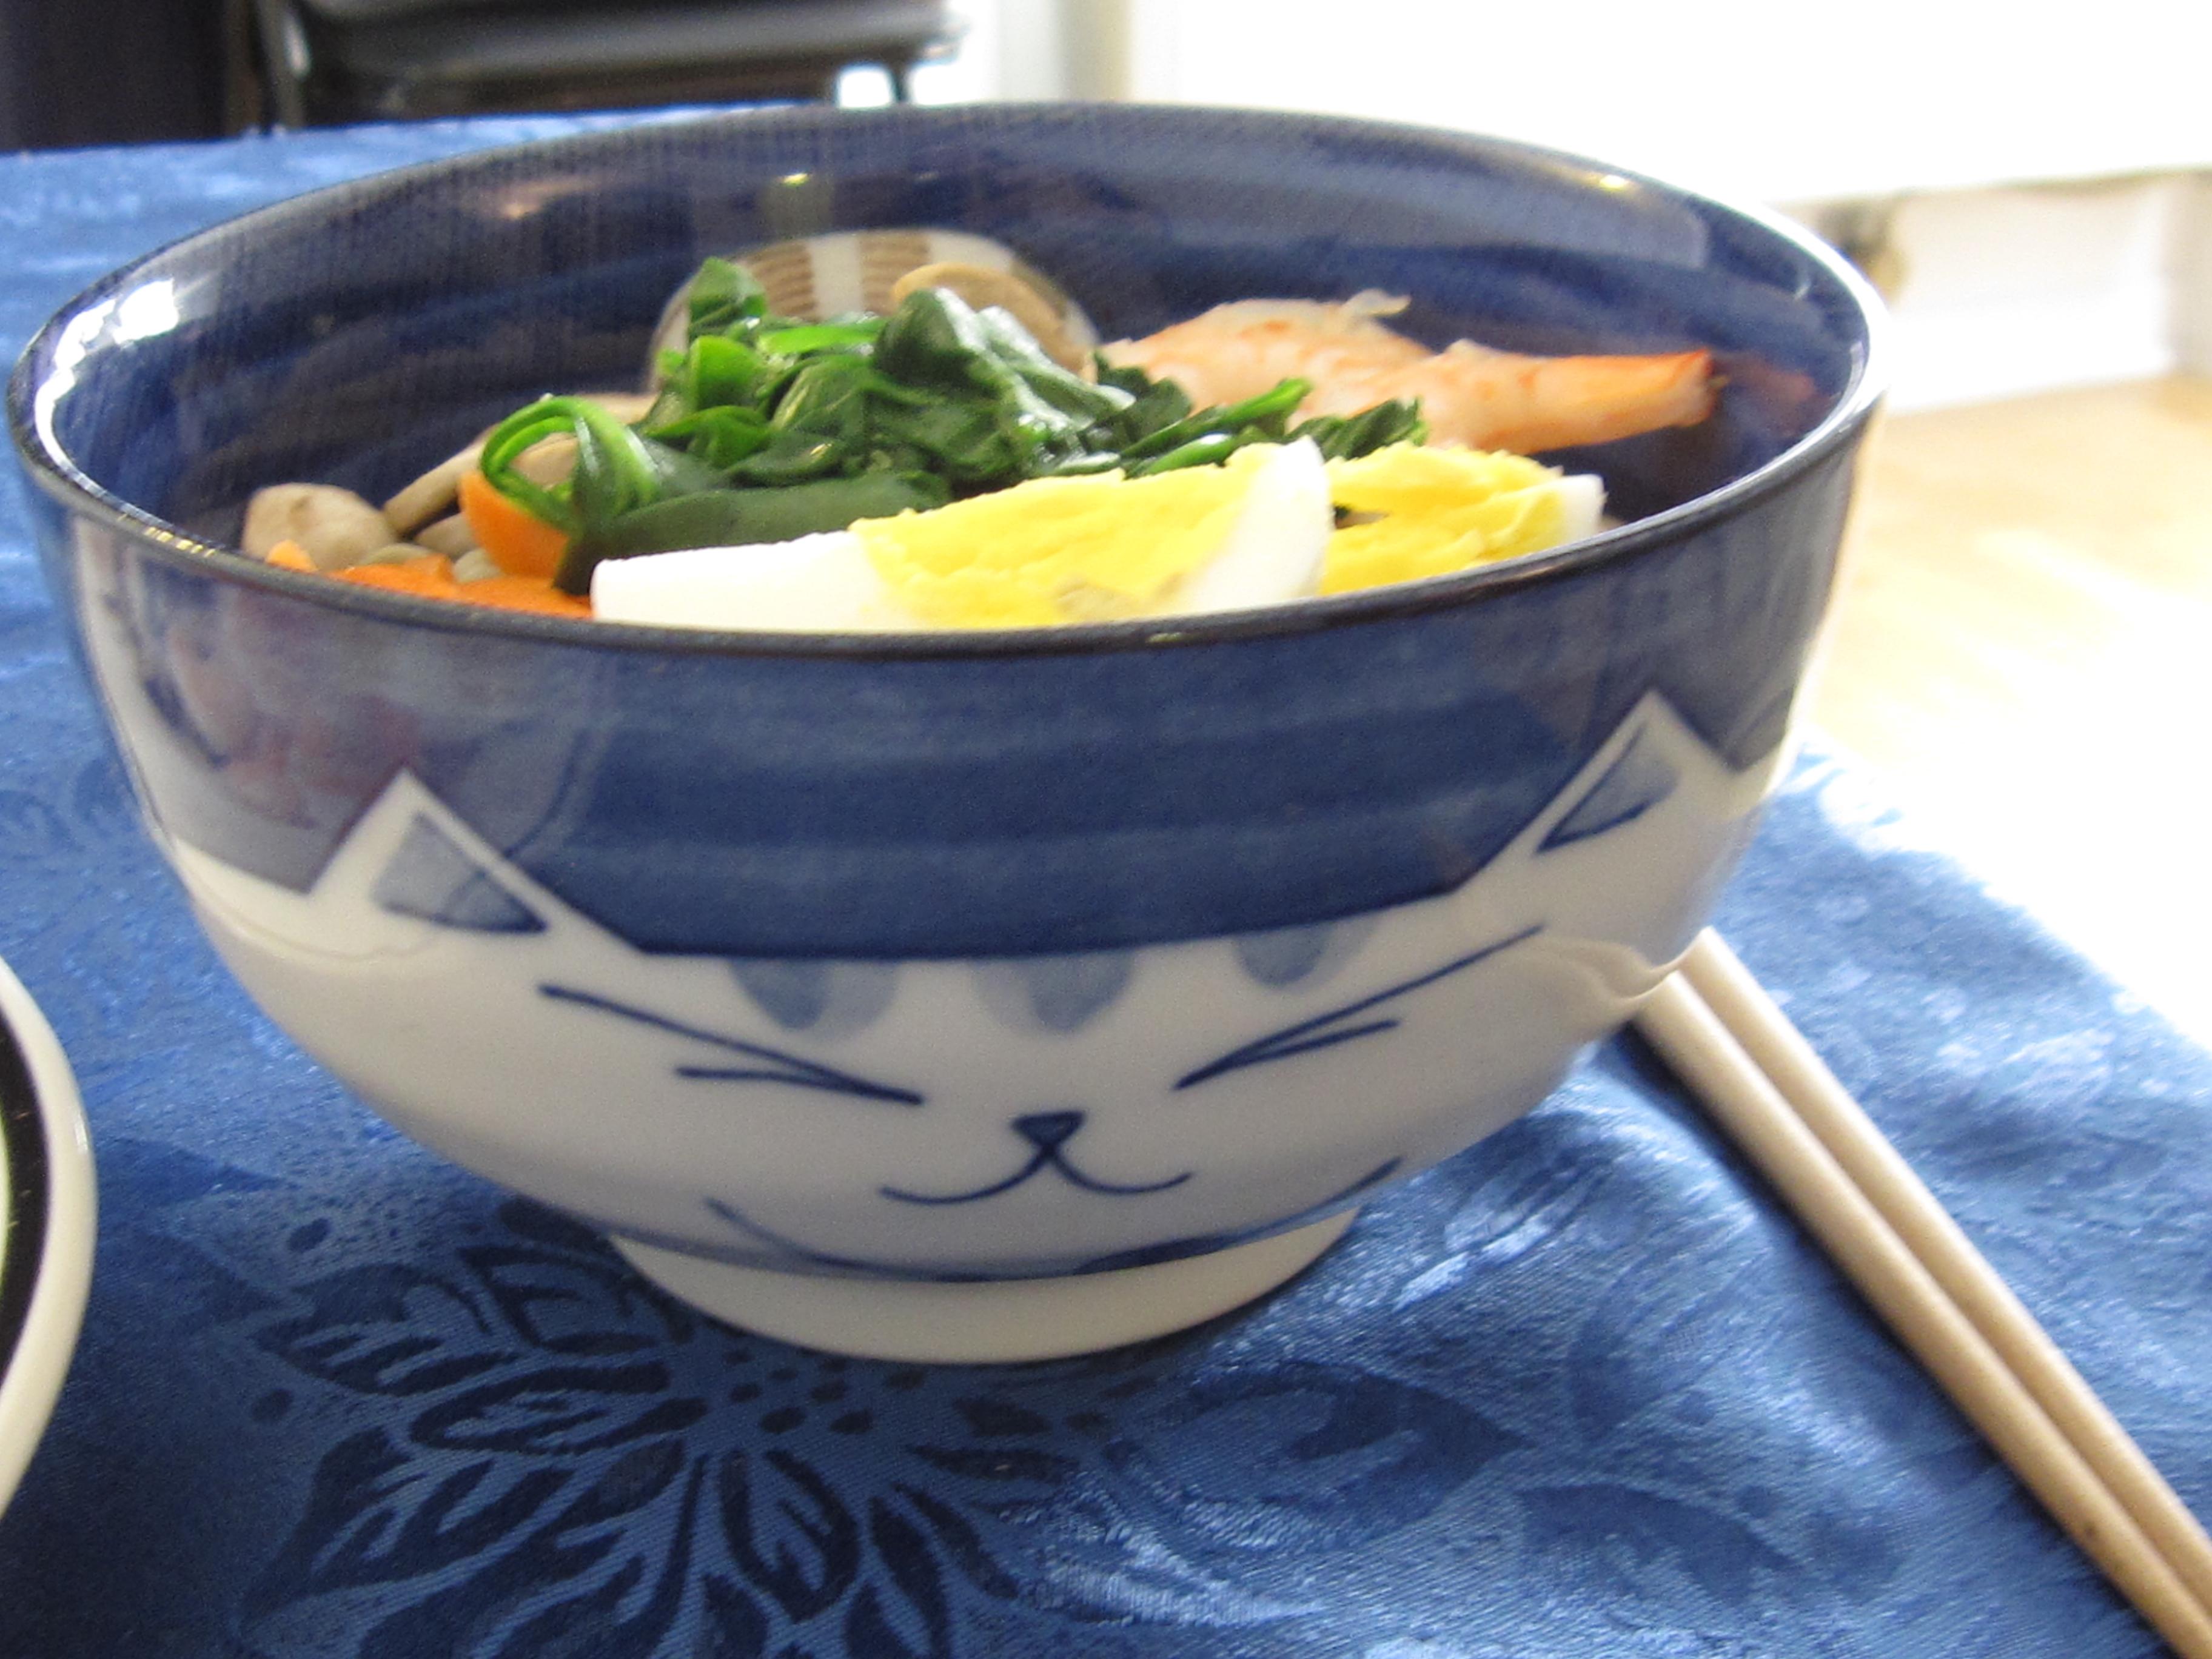 Gratuitous cat bowl pic